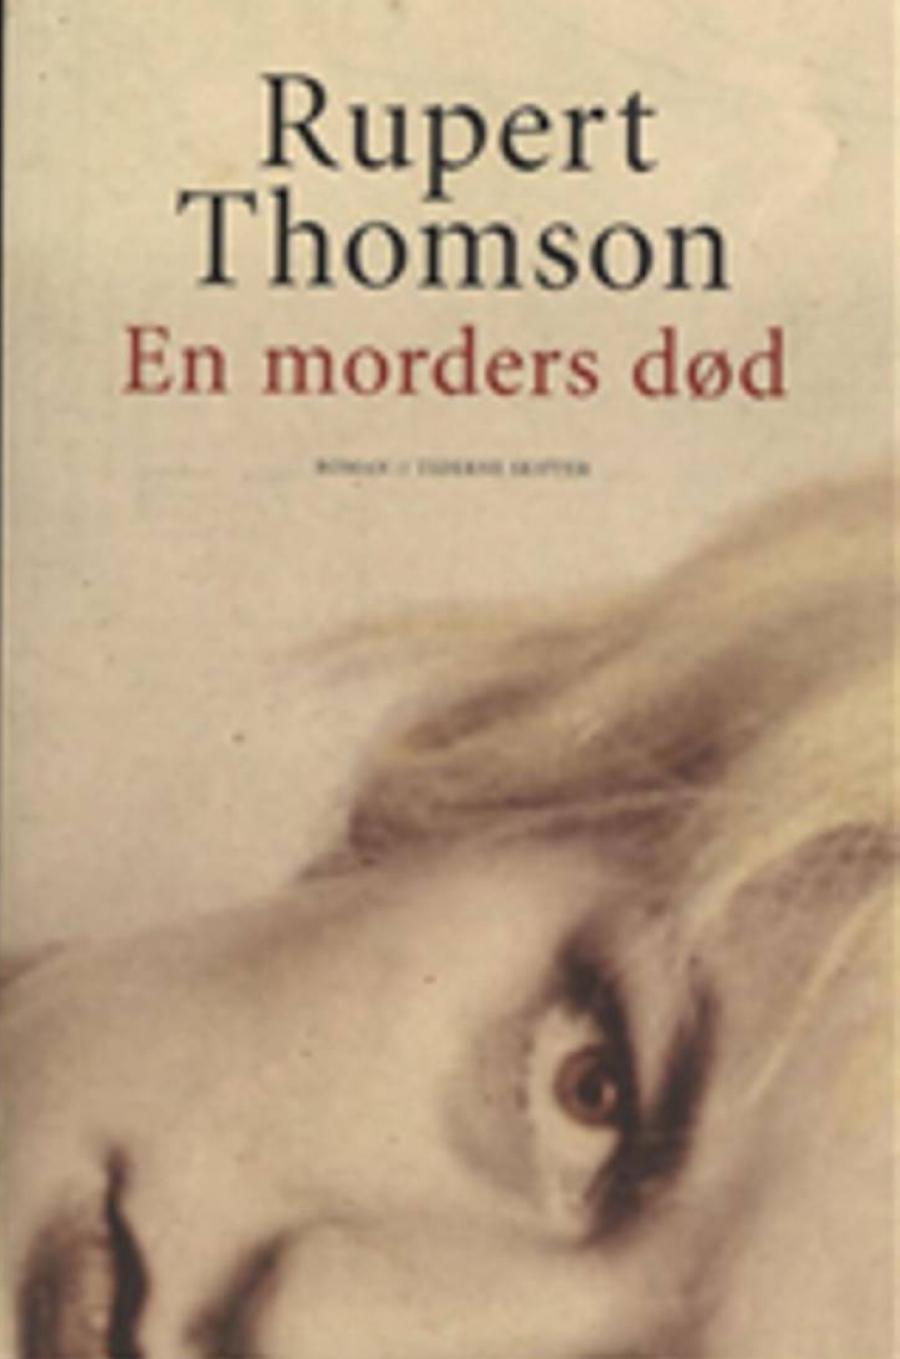 En morders død af Rupert Thomson